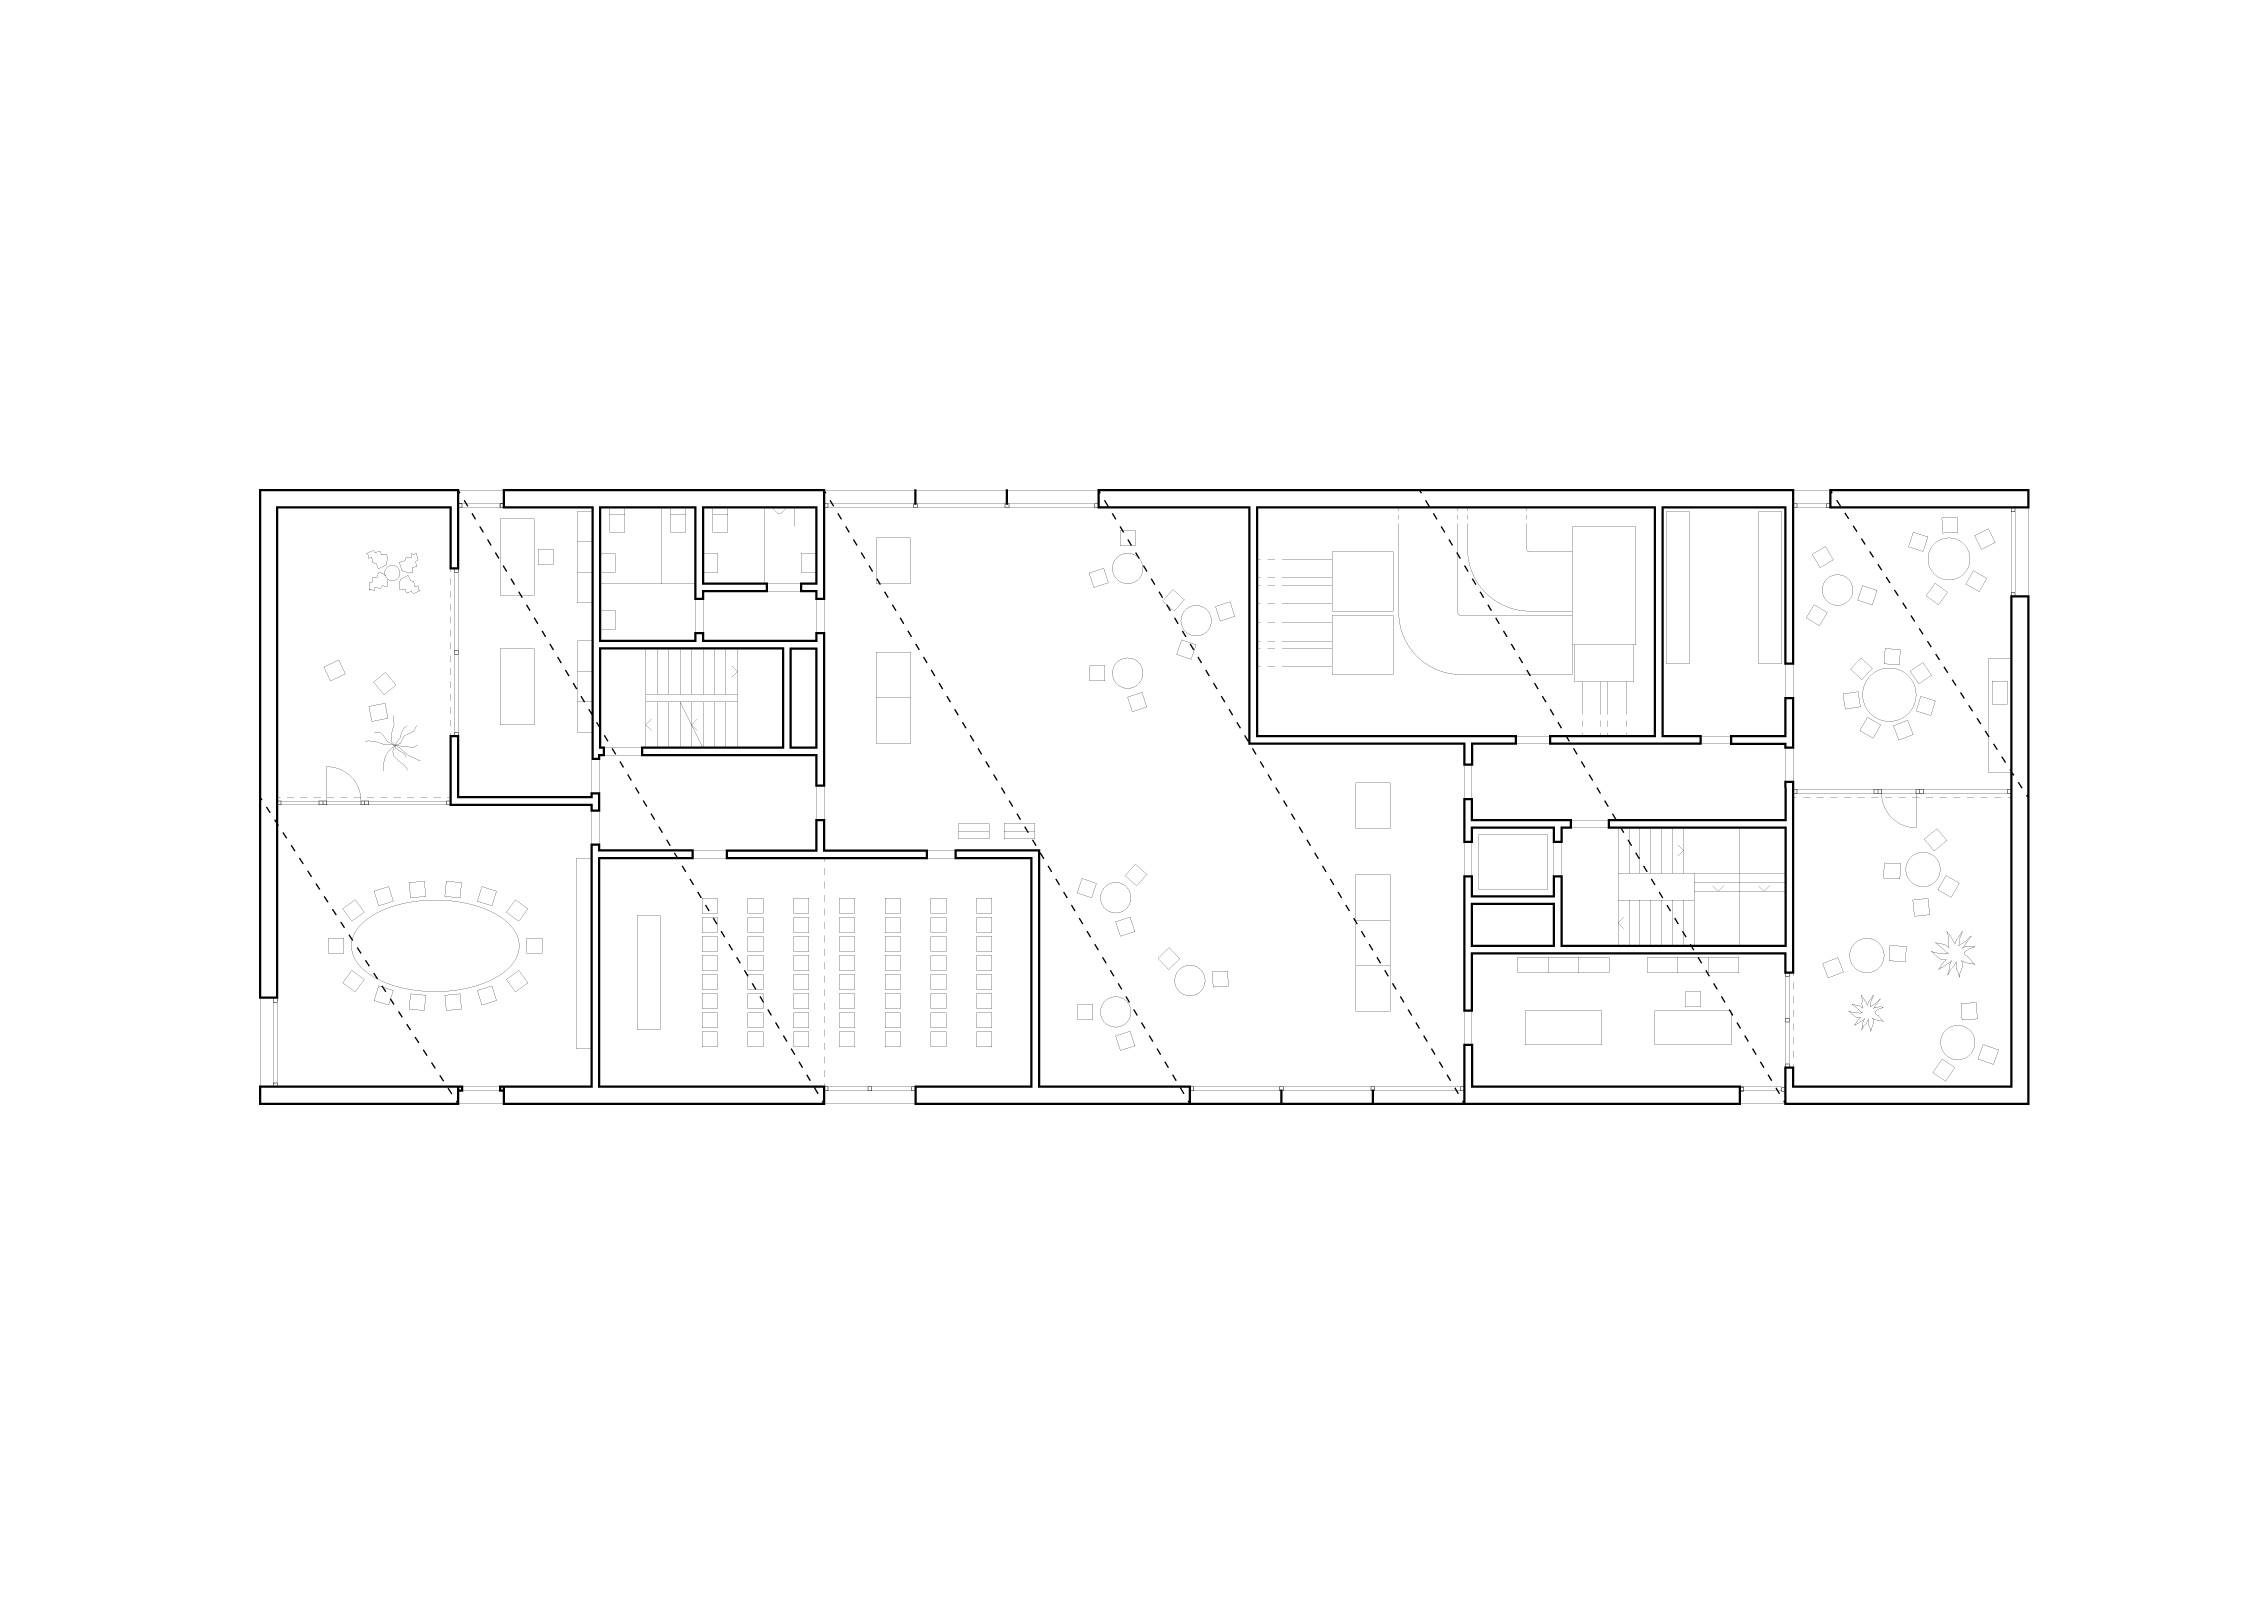 Top floor plan